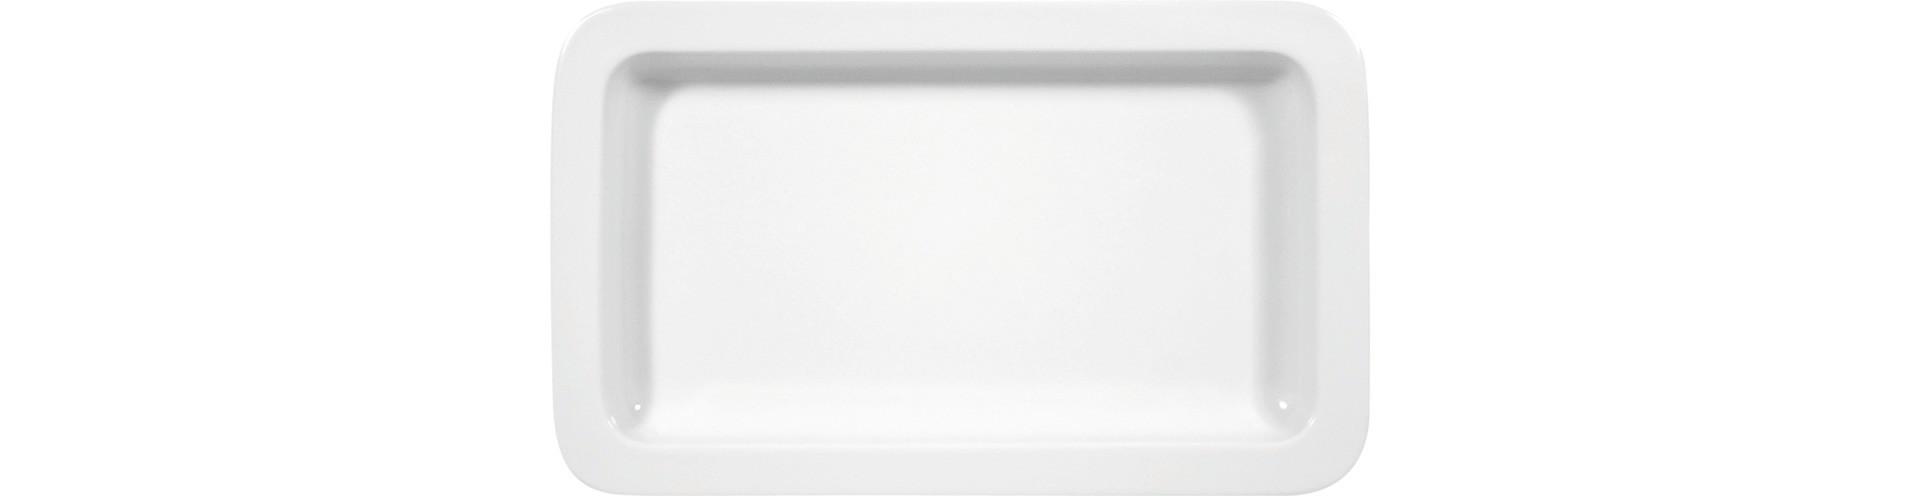 Buffet Gourmet, GN-Behälter GN 1/4 265 x 162 x 20 mm / 0,50 l